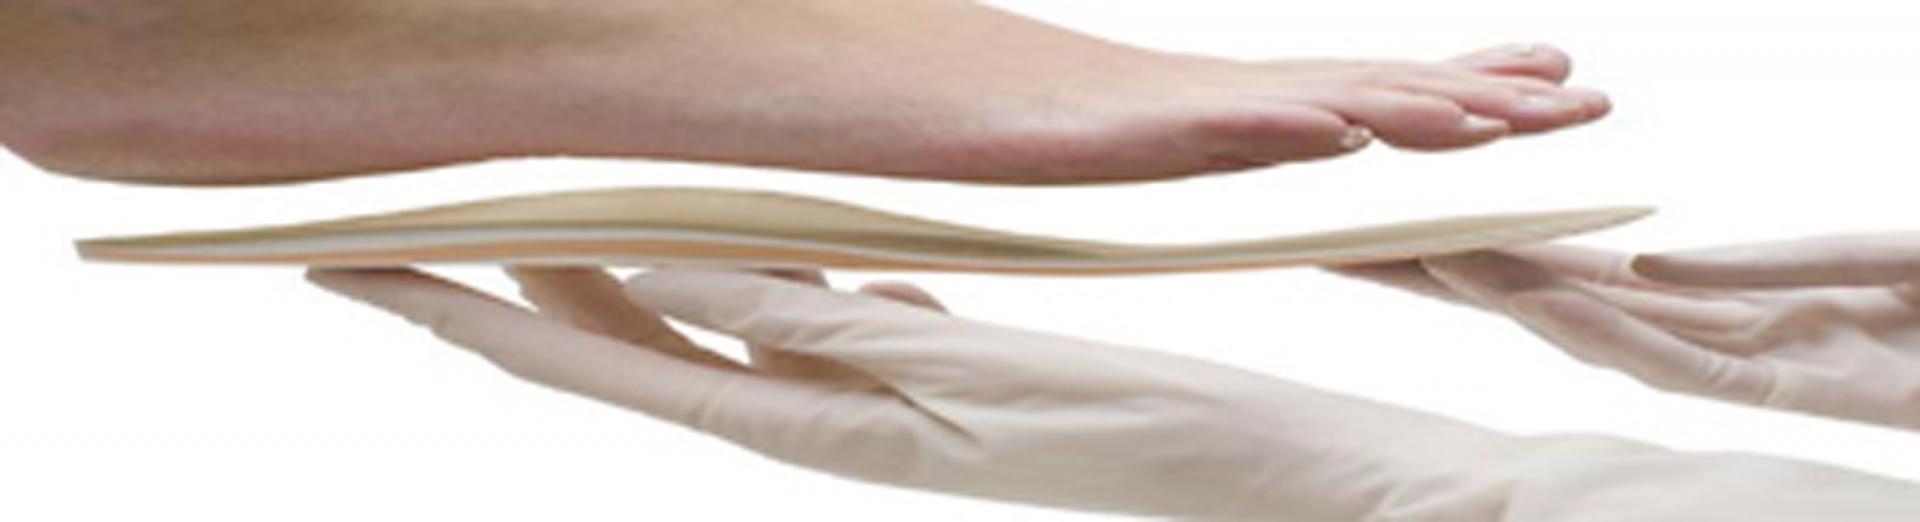 Les semelles orthopédiques par confection 3D